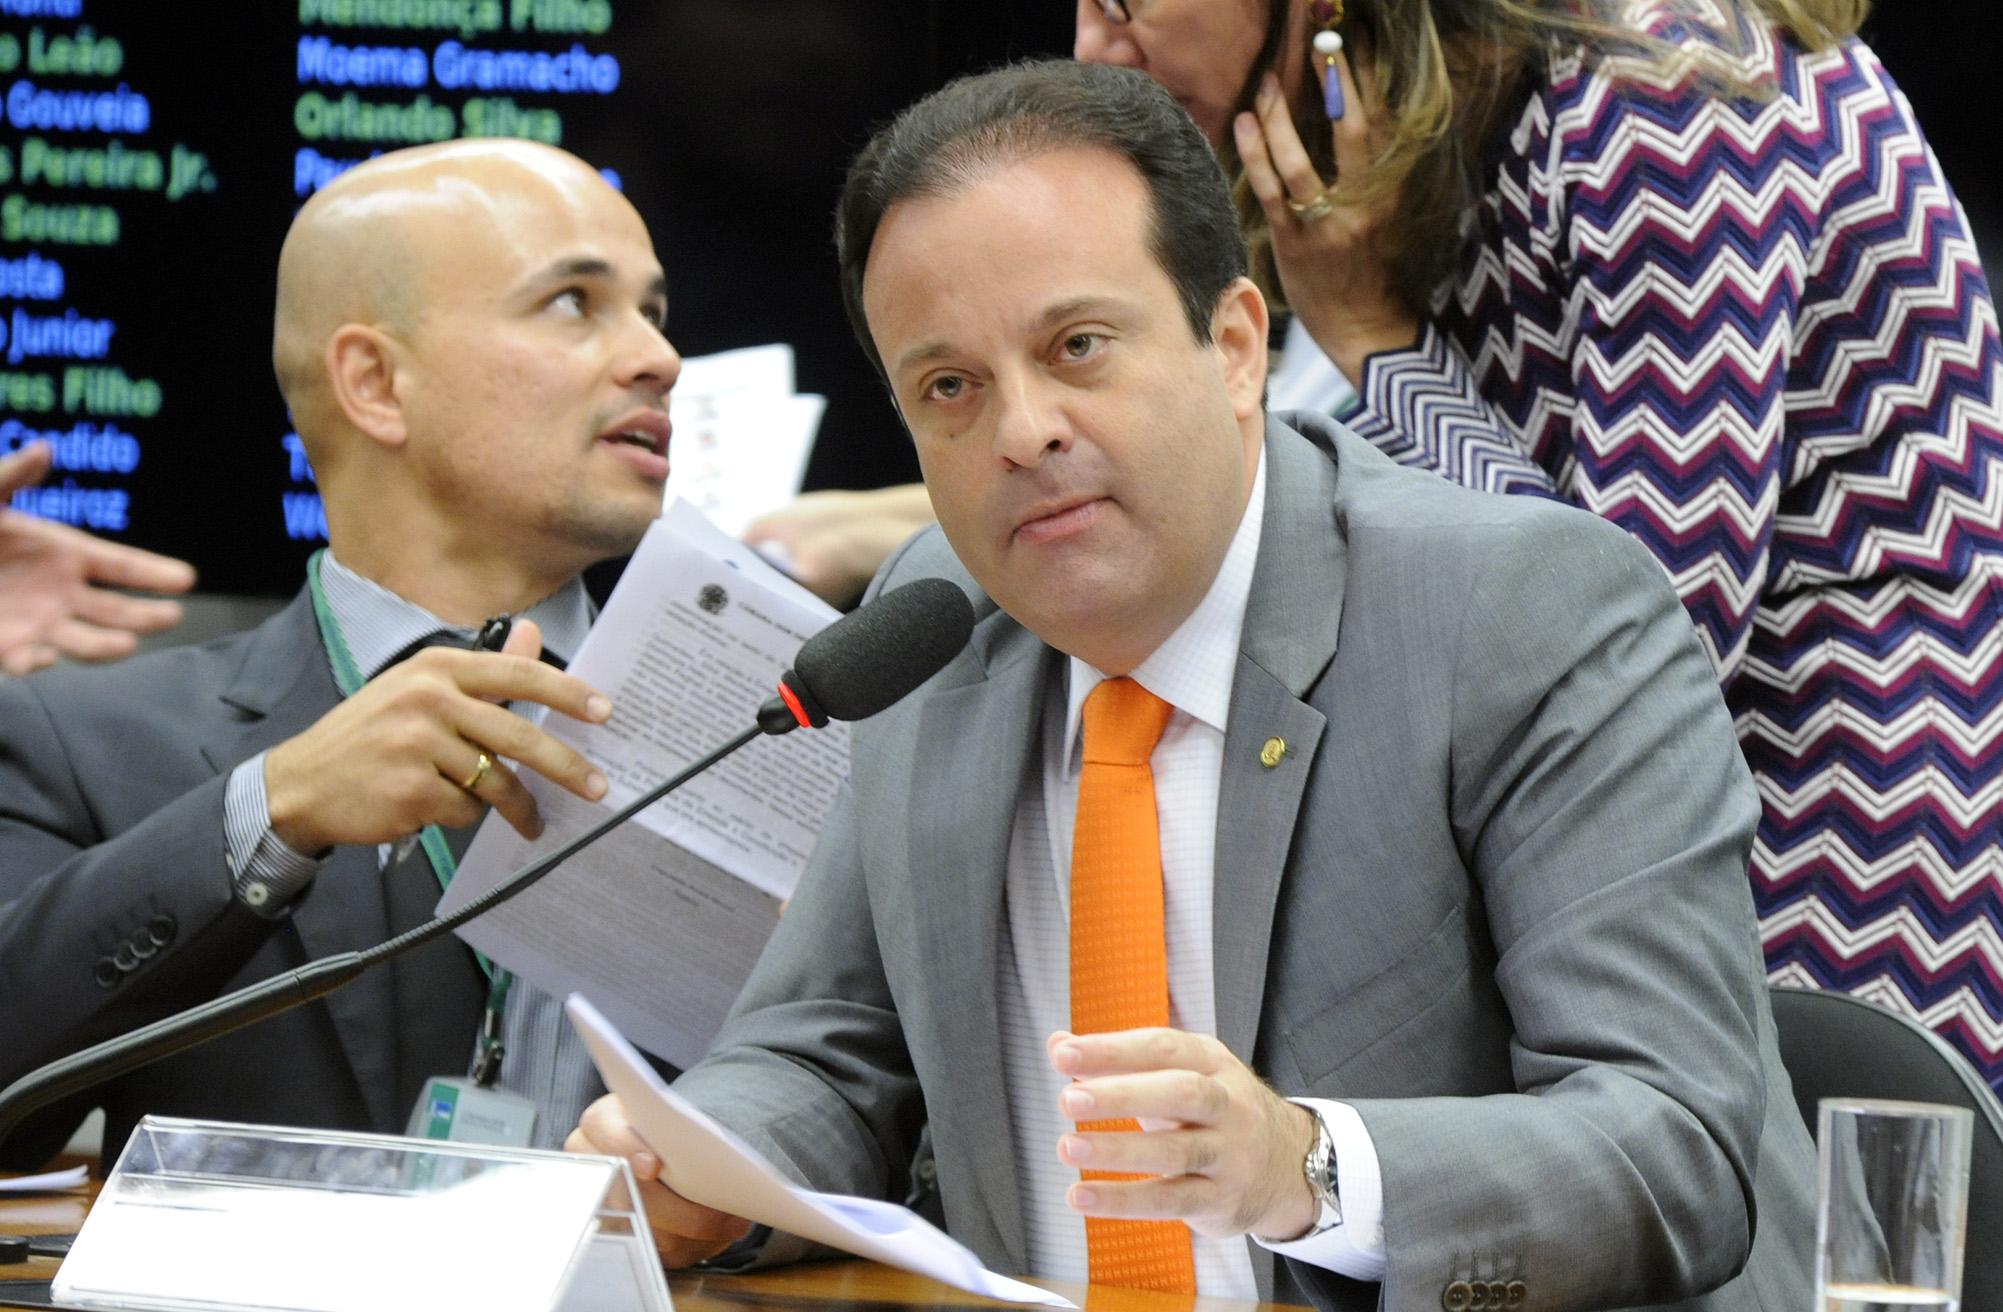 Reunião para apreciação do parecer do relator, dep. André Moura (PSC-SE)